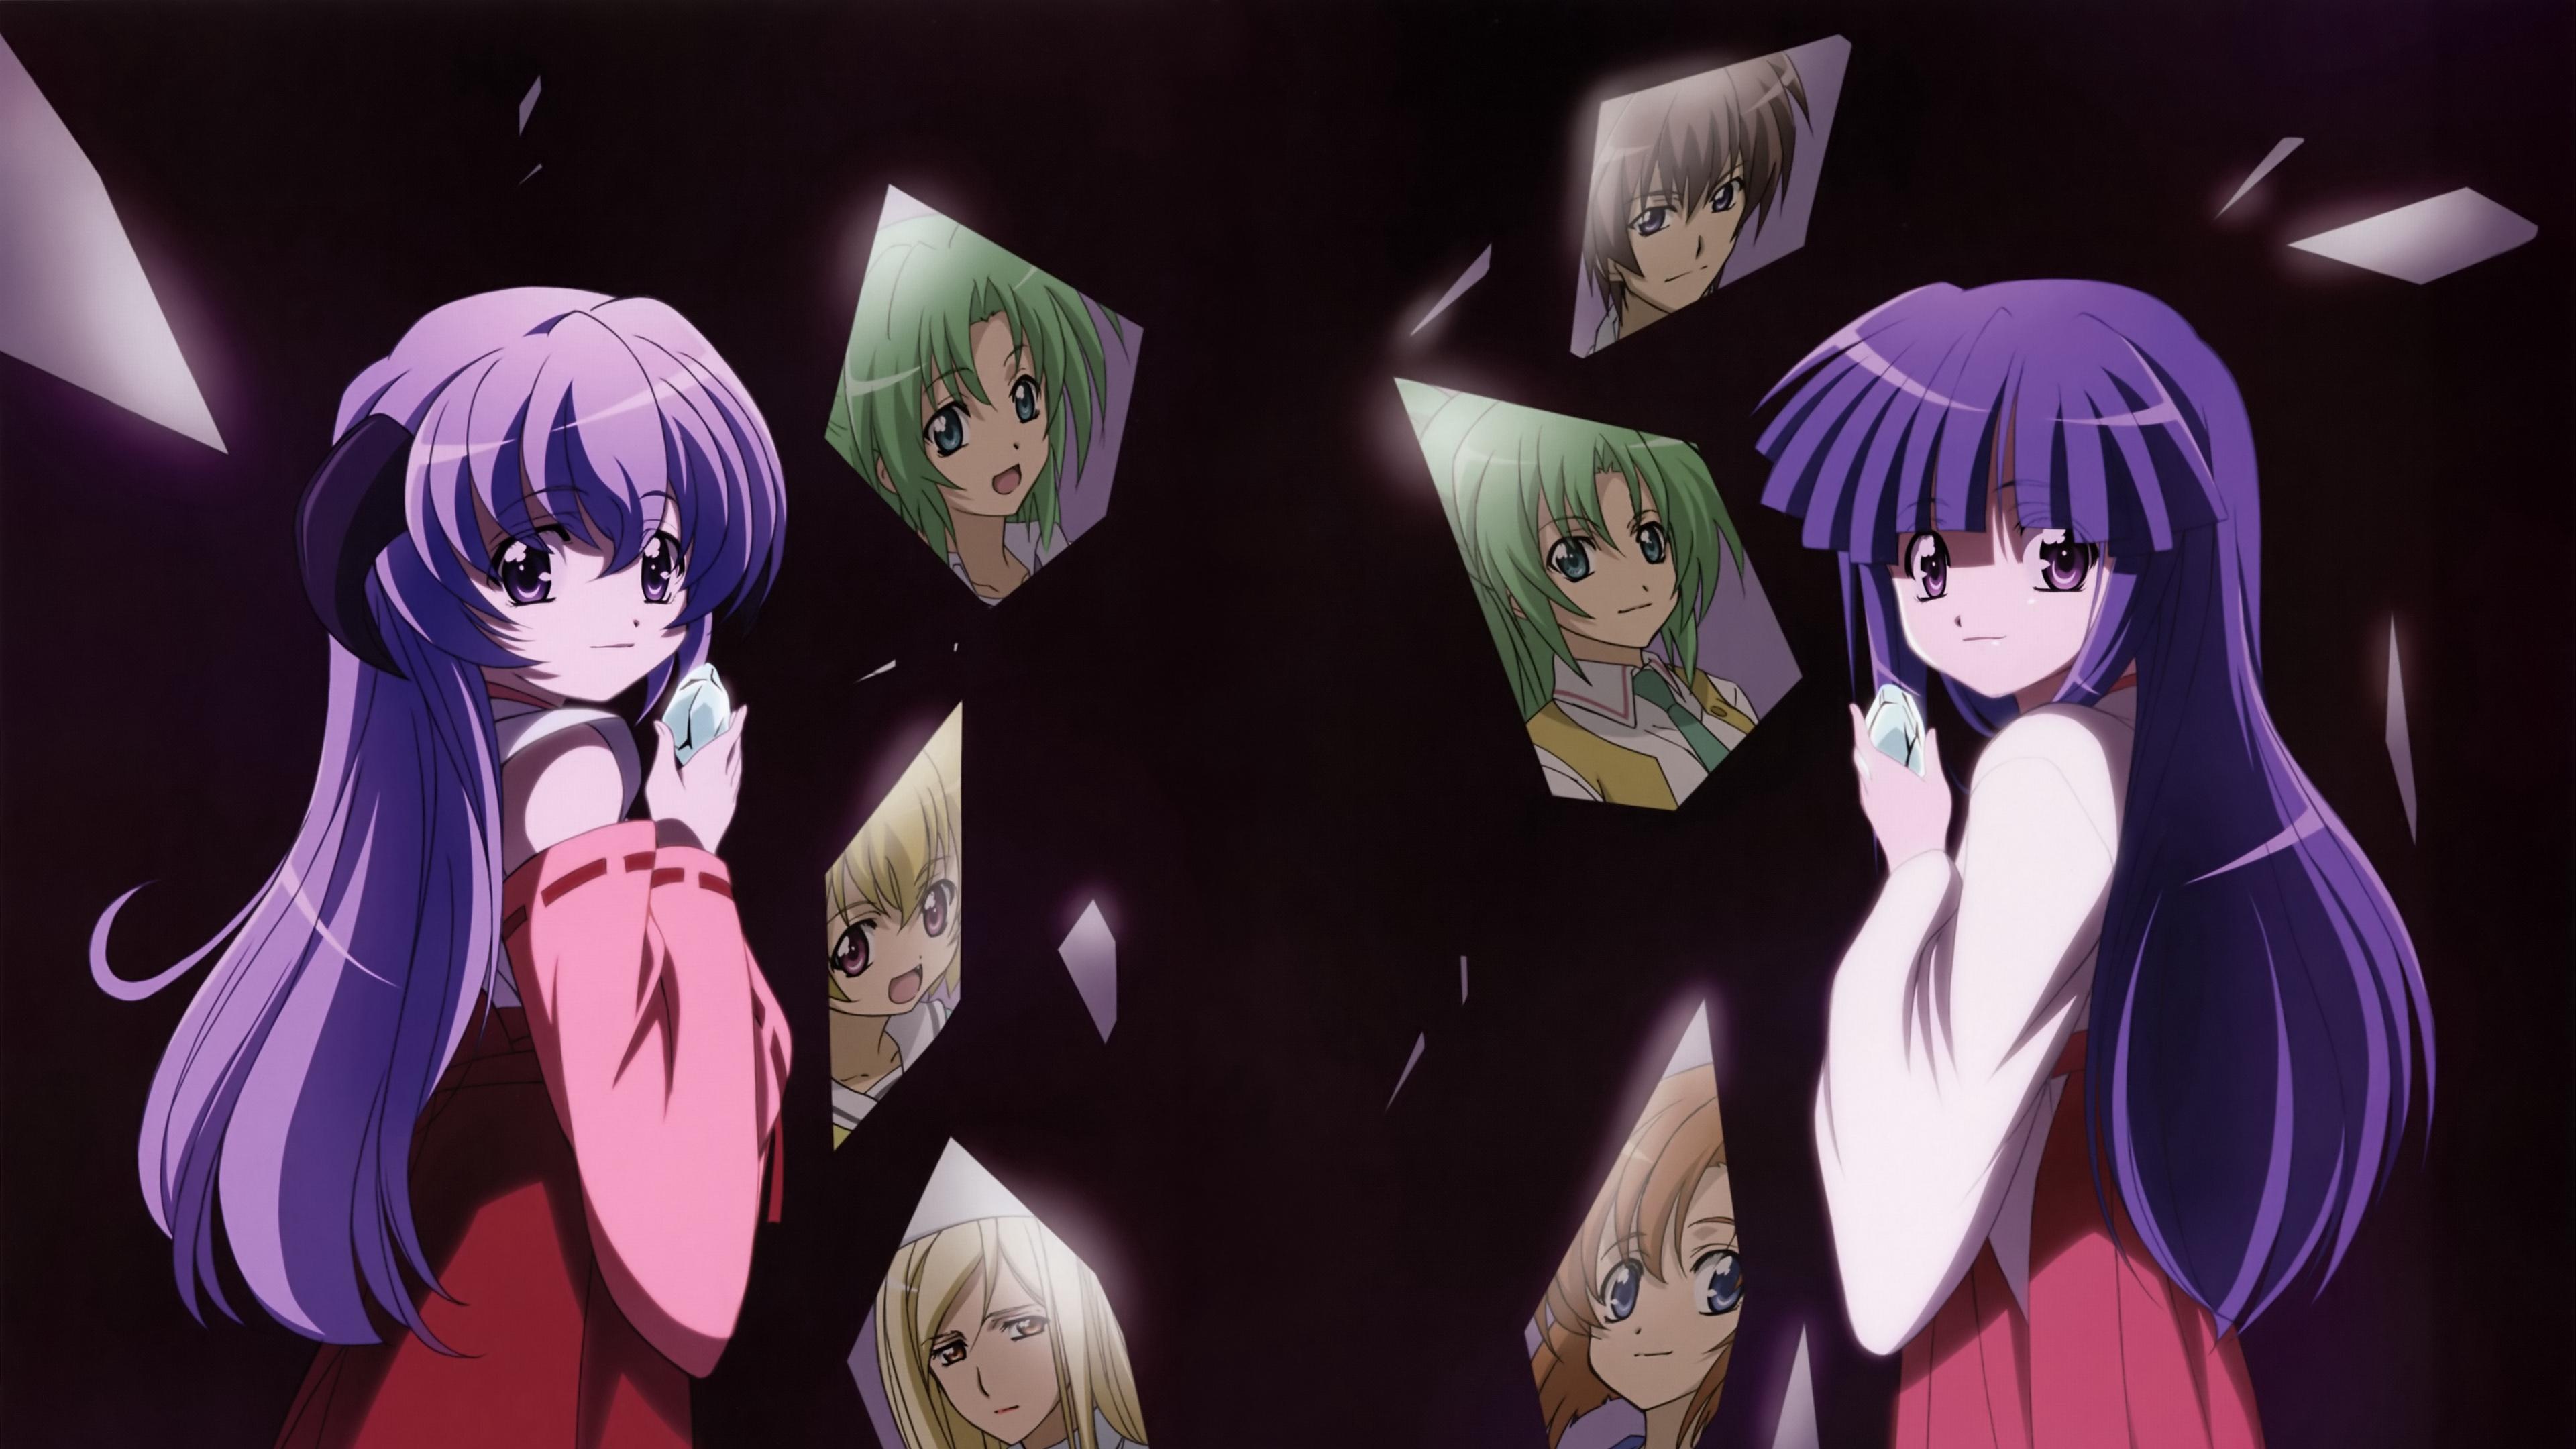 higurashi no naku koro ni girls mirror reflection 4k 1541975595 - higurashi no naku koro ni, girls, mirror, reflection 4k - Mirror, higurashi no naku koro ni, Girls